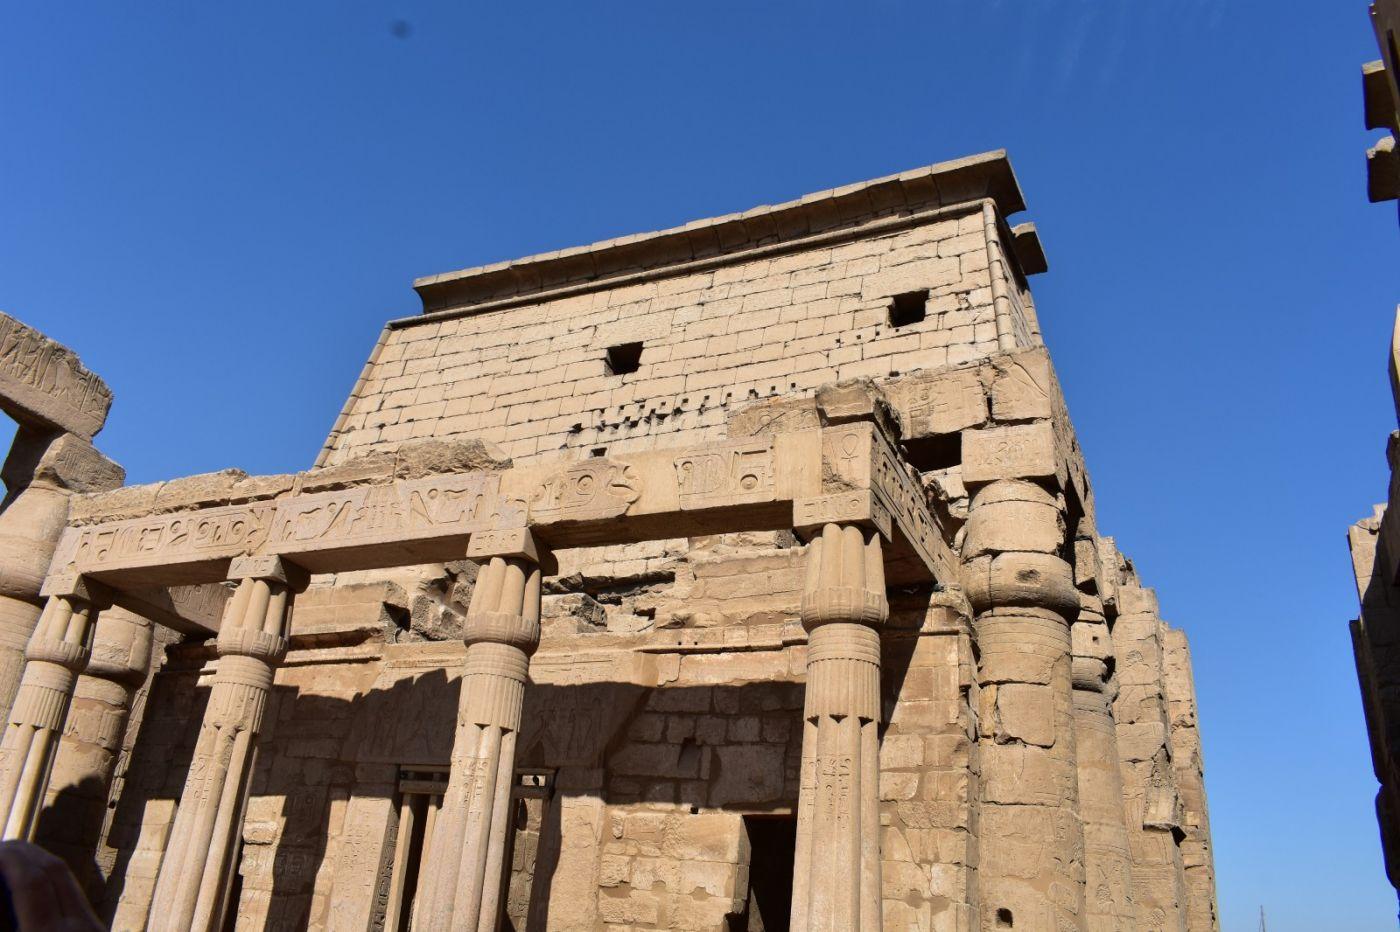 埃德富神庙和卢克索神庙_图1-27